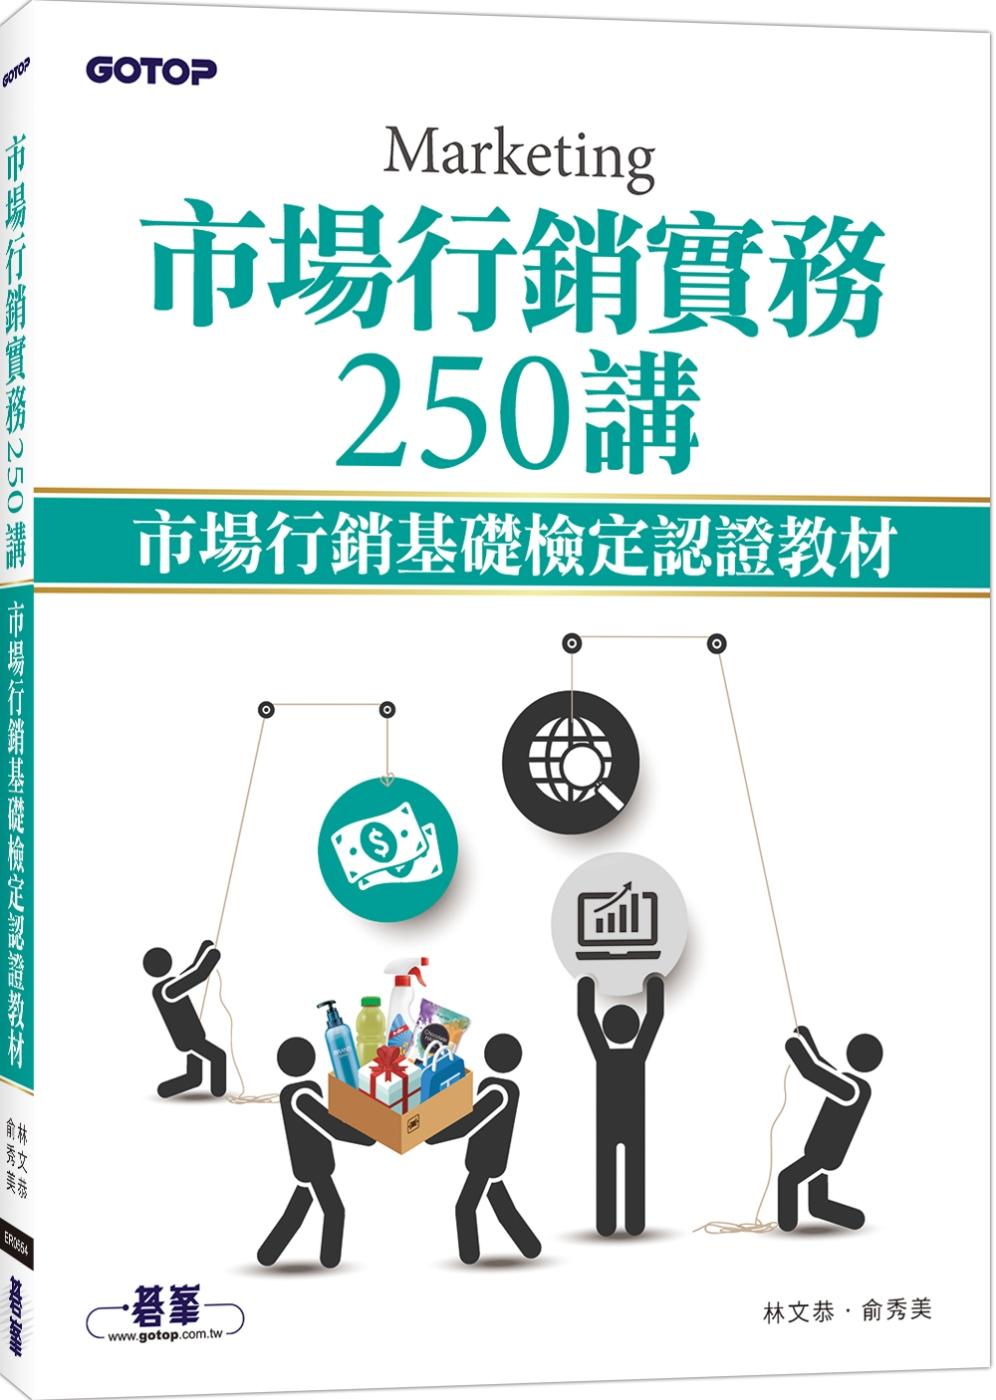 市場行銷實務250講:市場行銷基礎檢定認證教材